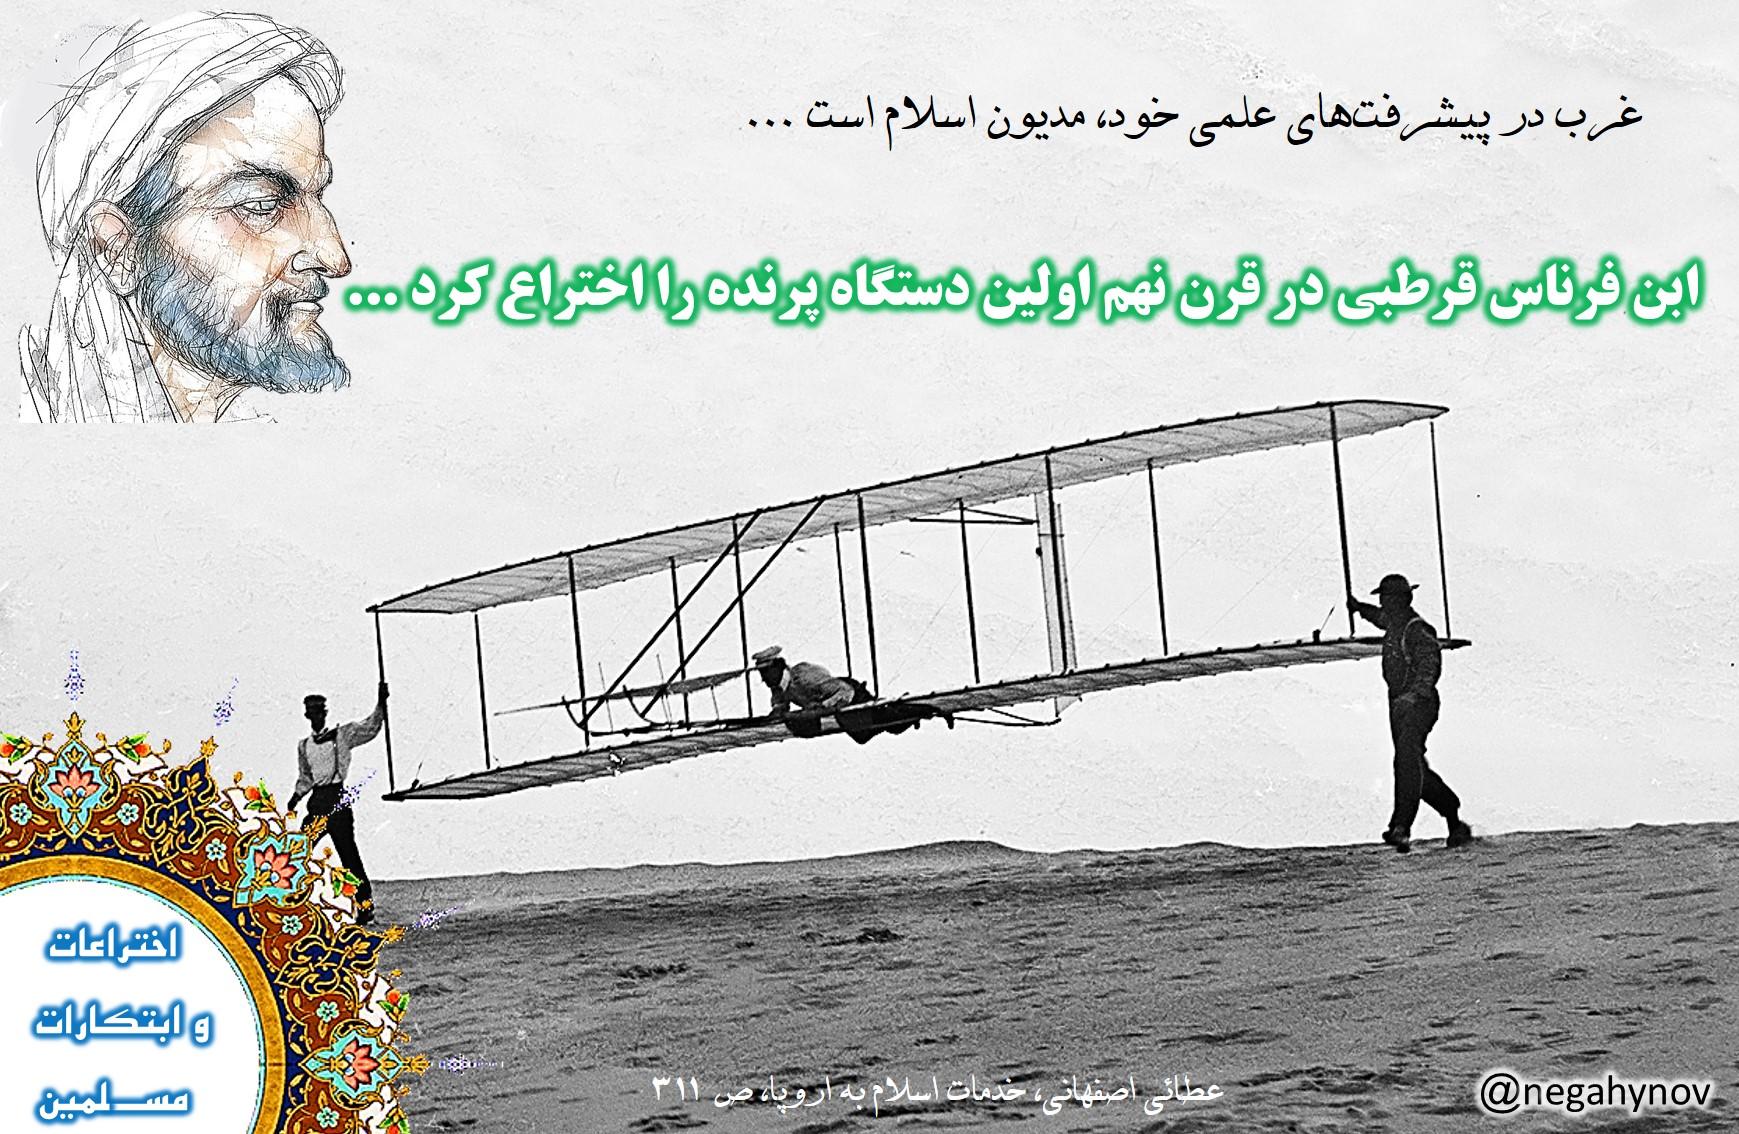 اسلام و علم - اختراعات مسلمانان - پرواز - نگاهی نو